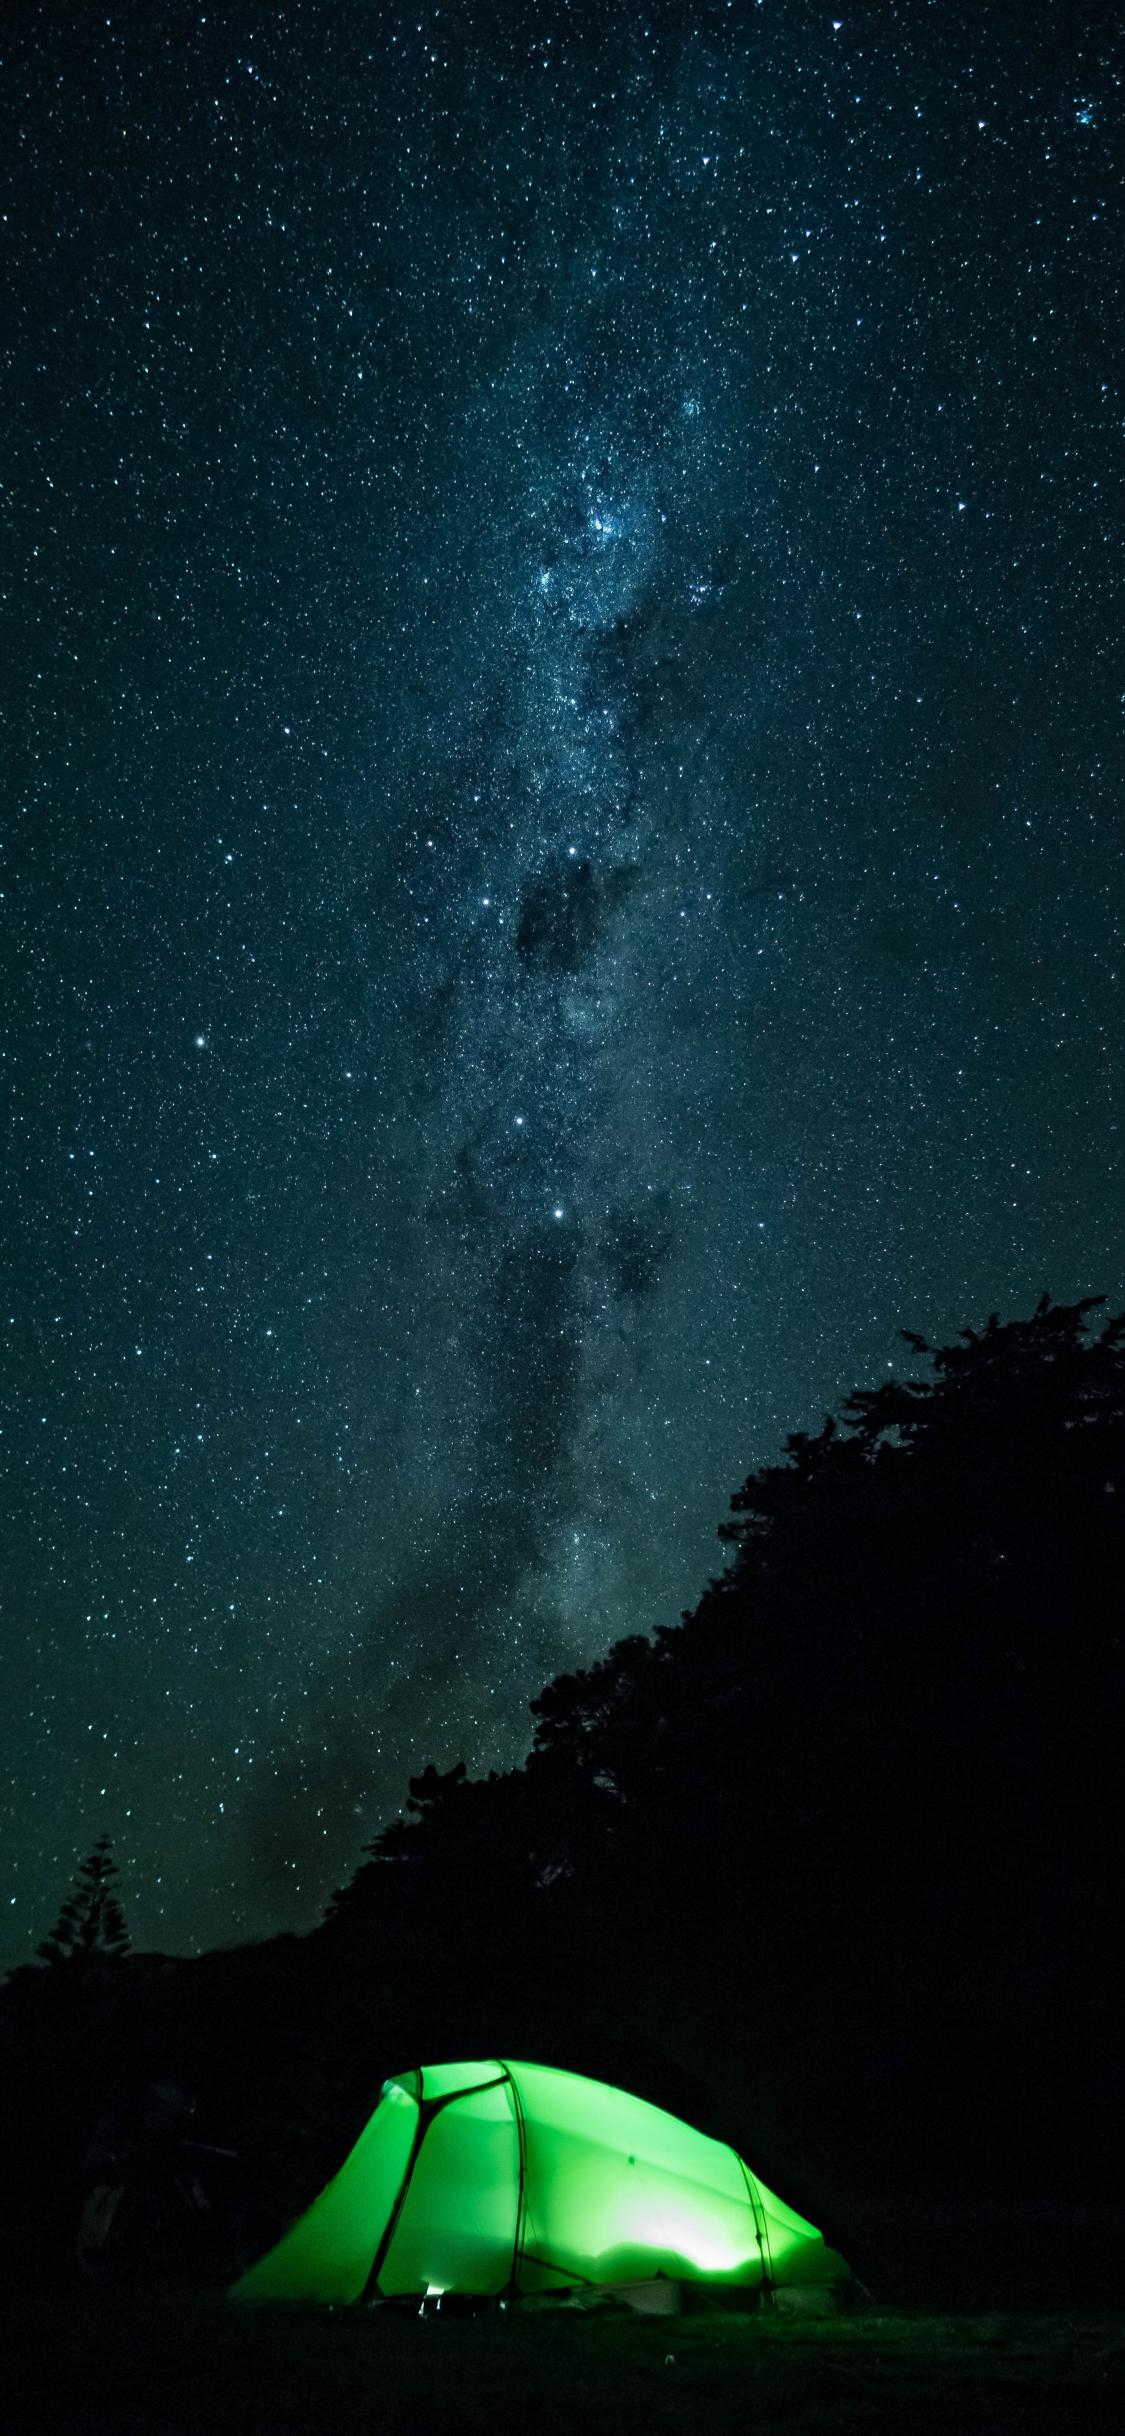 Download 1125x2436 Wallpaper Tent Outdoor Starry Night